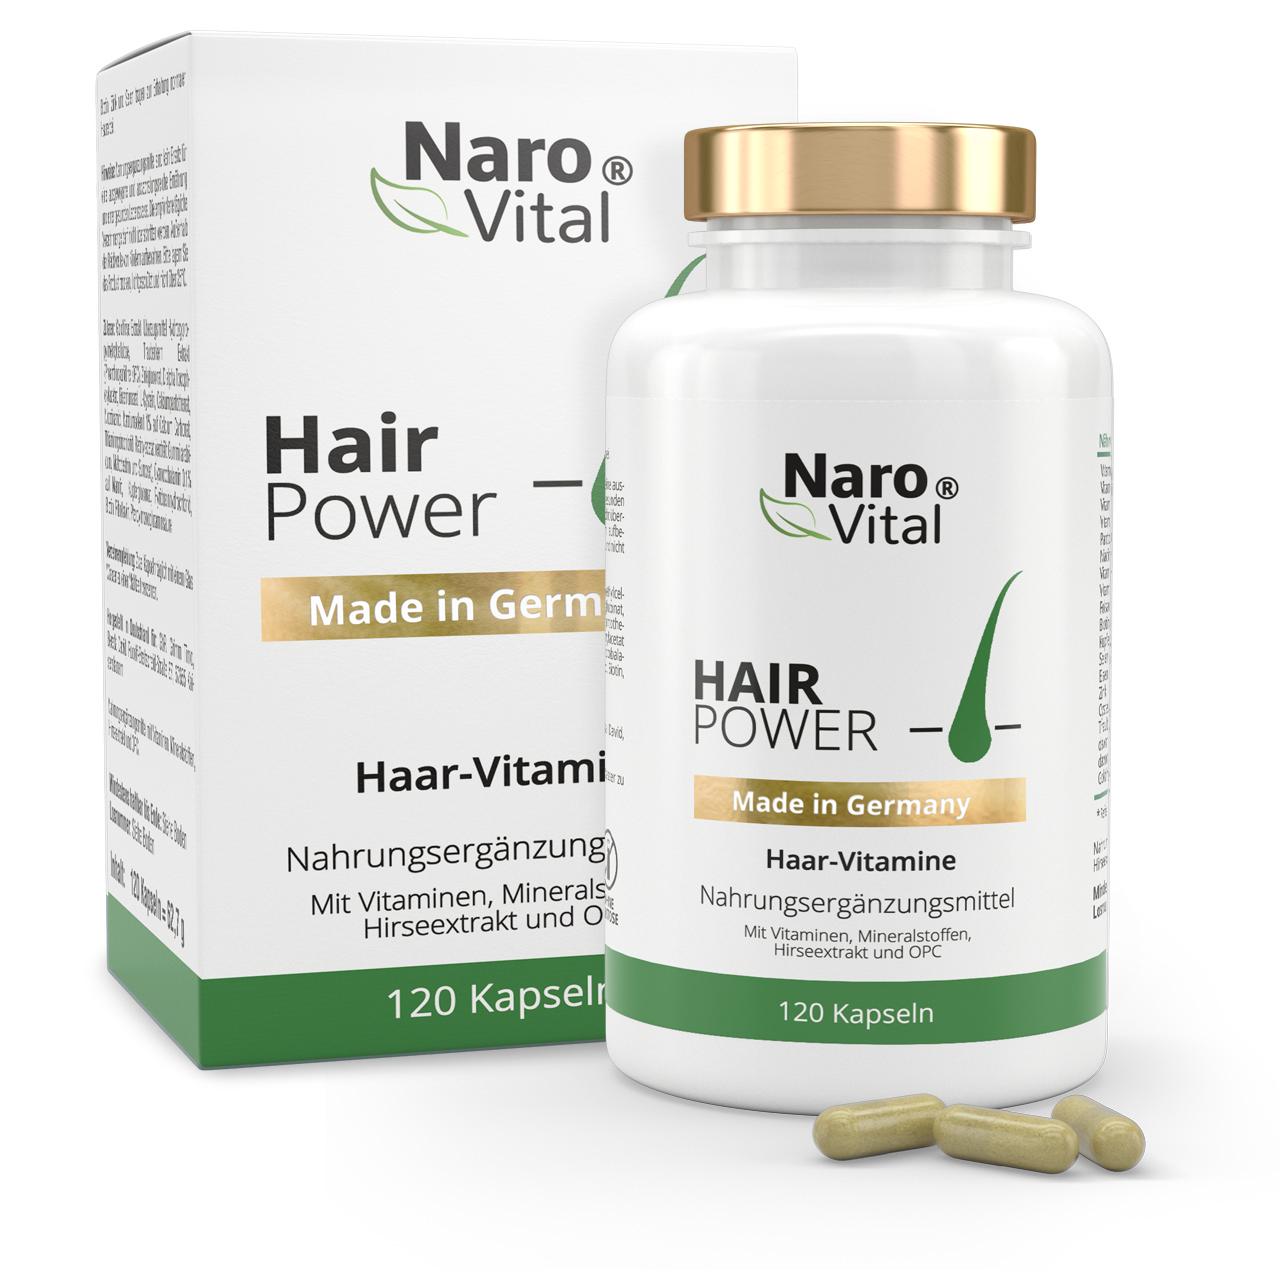 Hair-Power – Haar Vitamine